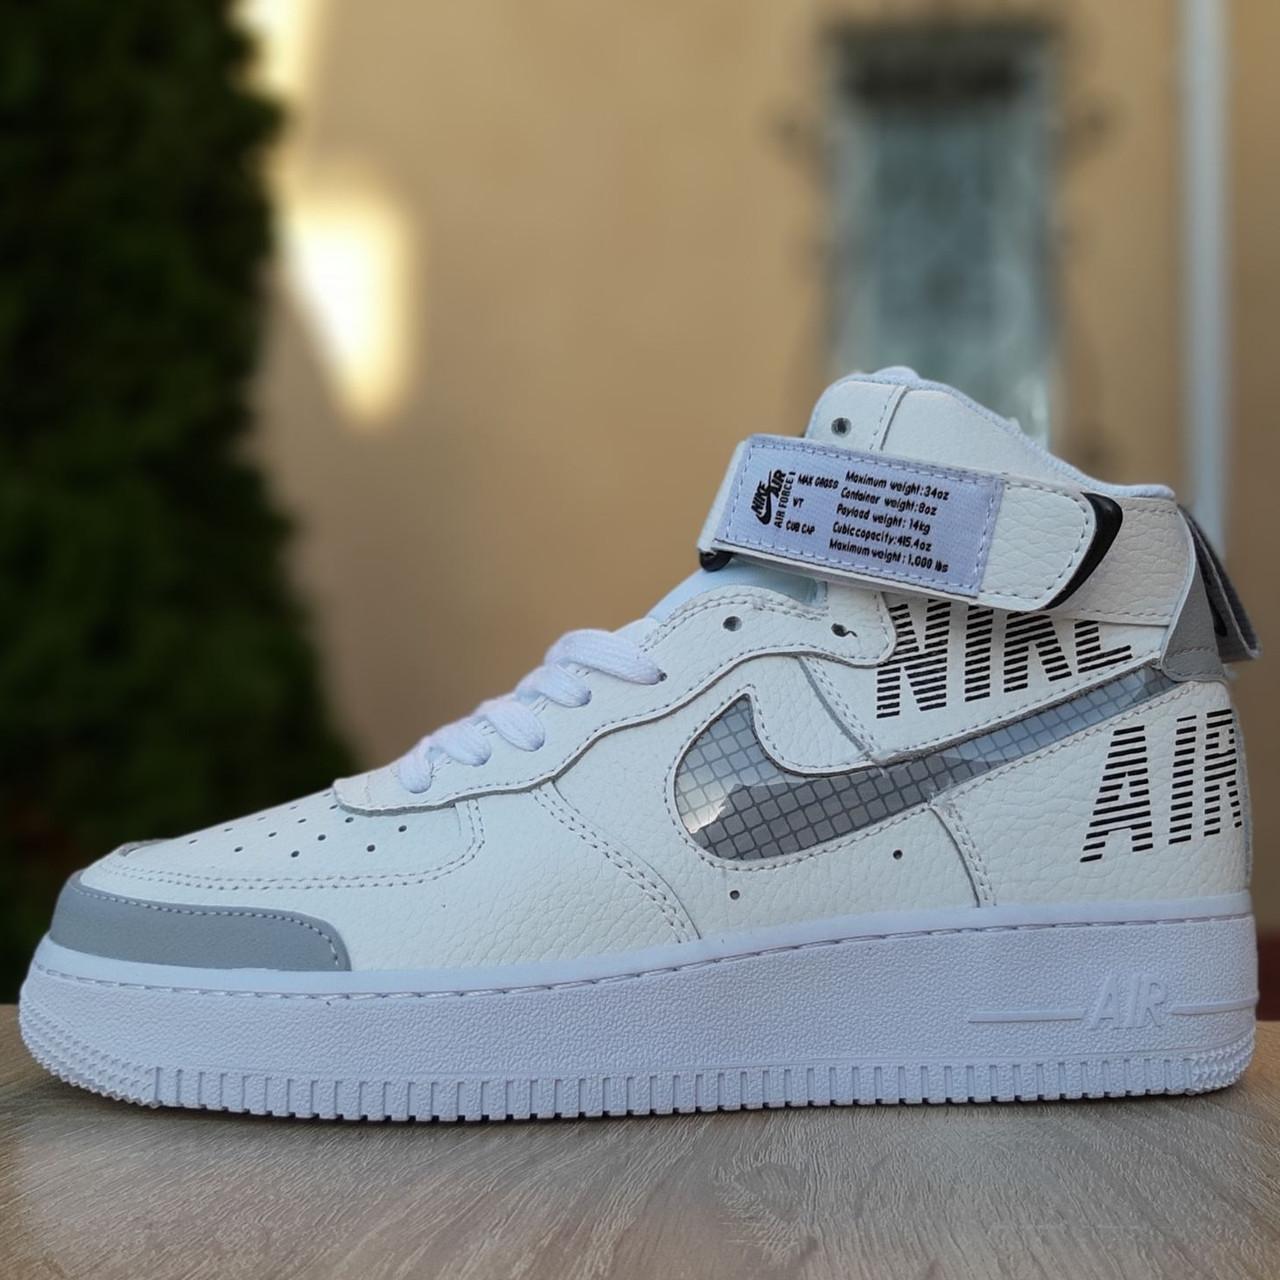 Кроссовки мужские Nike Air Force 1' 07 (Рефлектив) высокие белые с серым (Top replic)